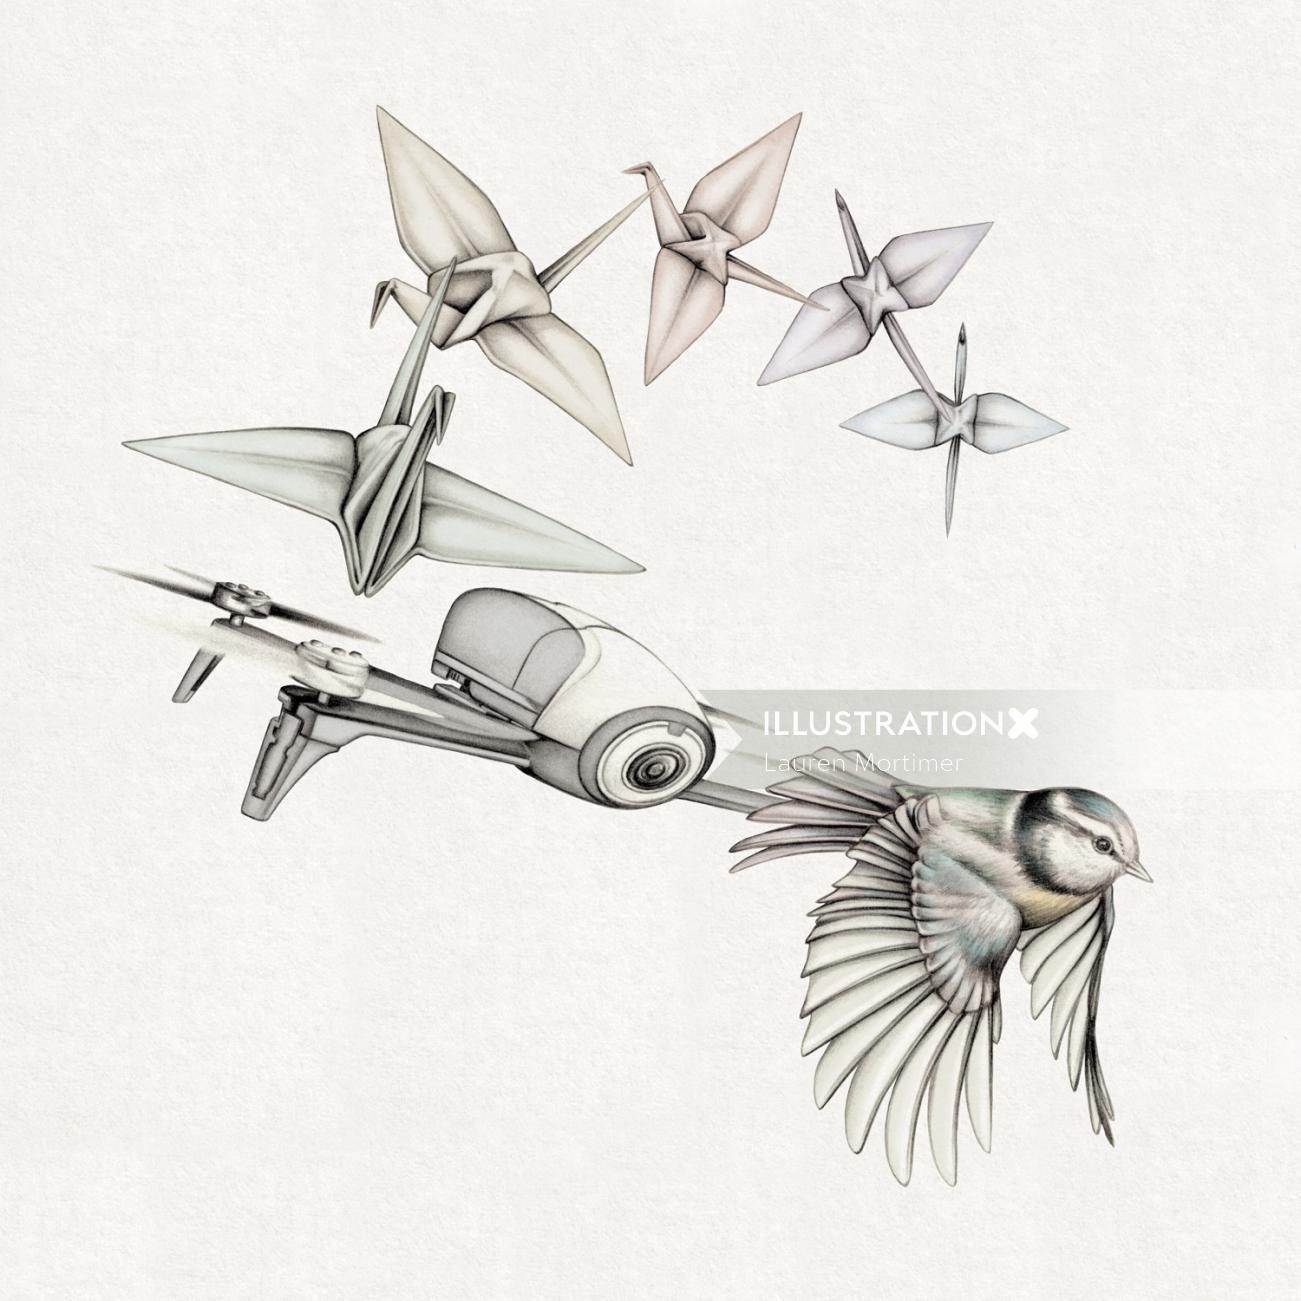 Birds flying in queue